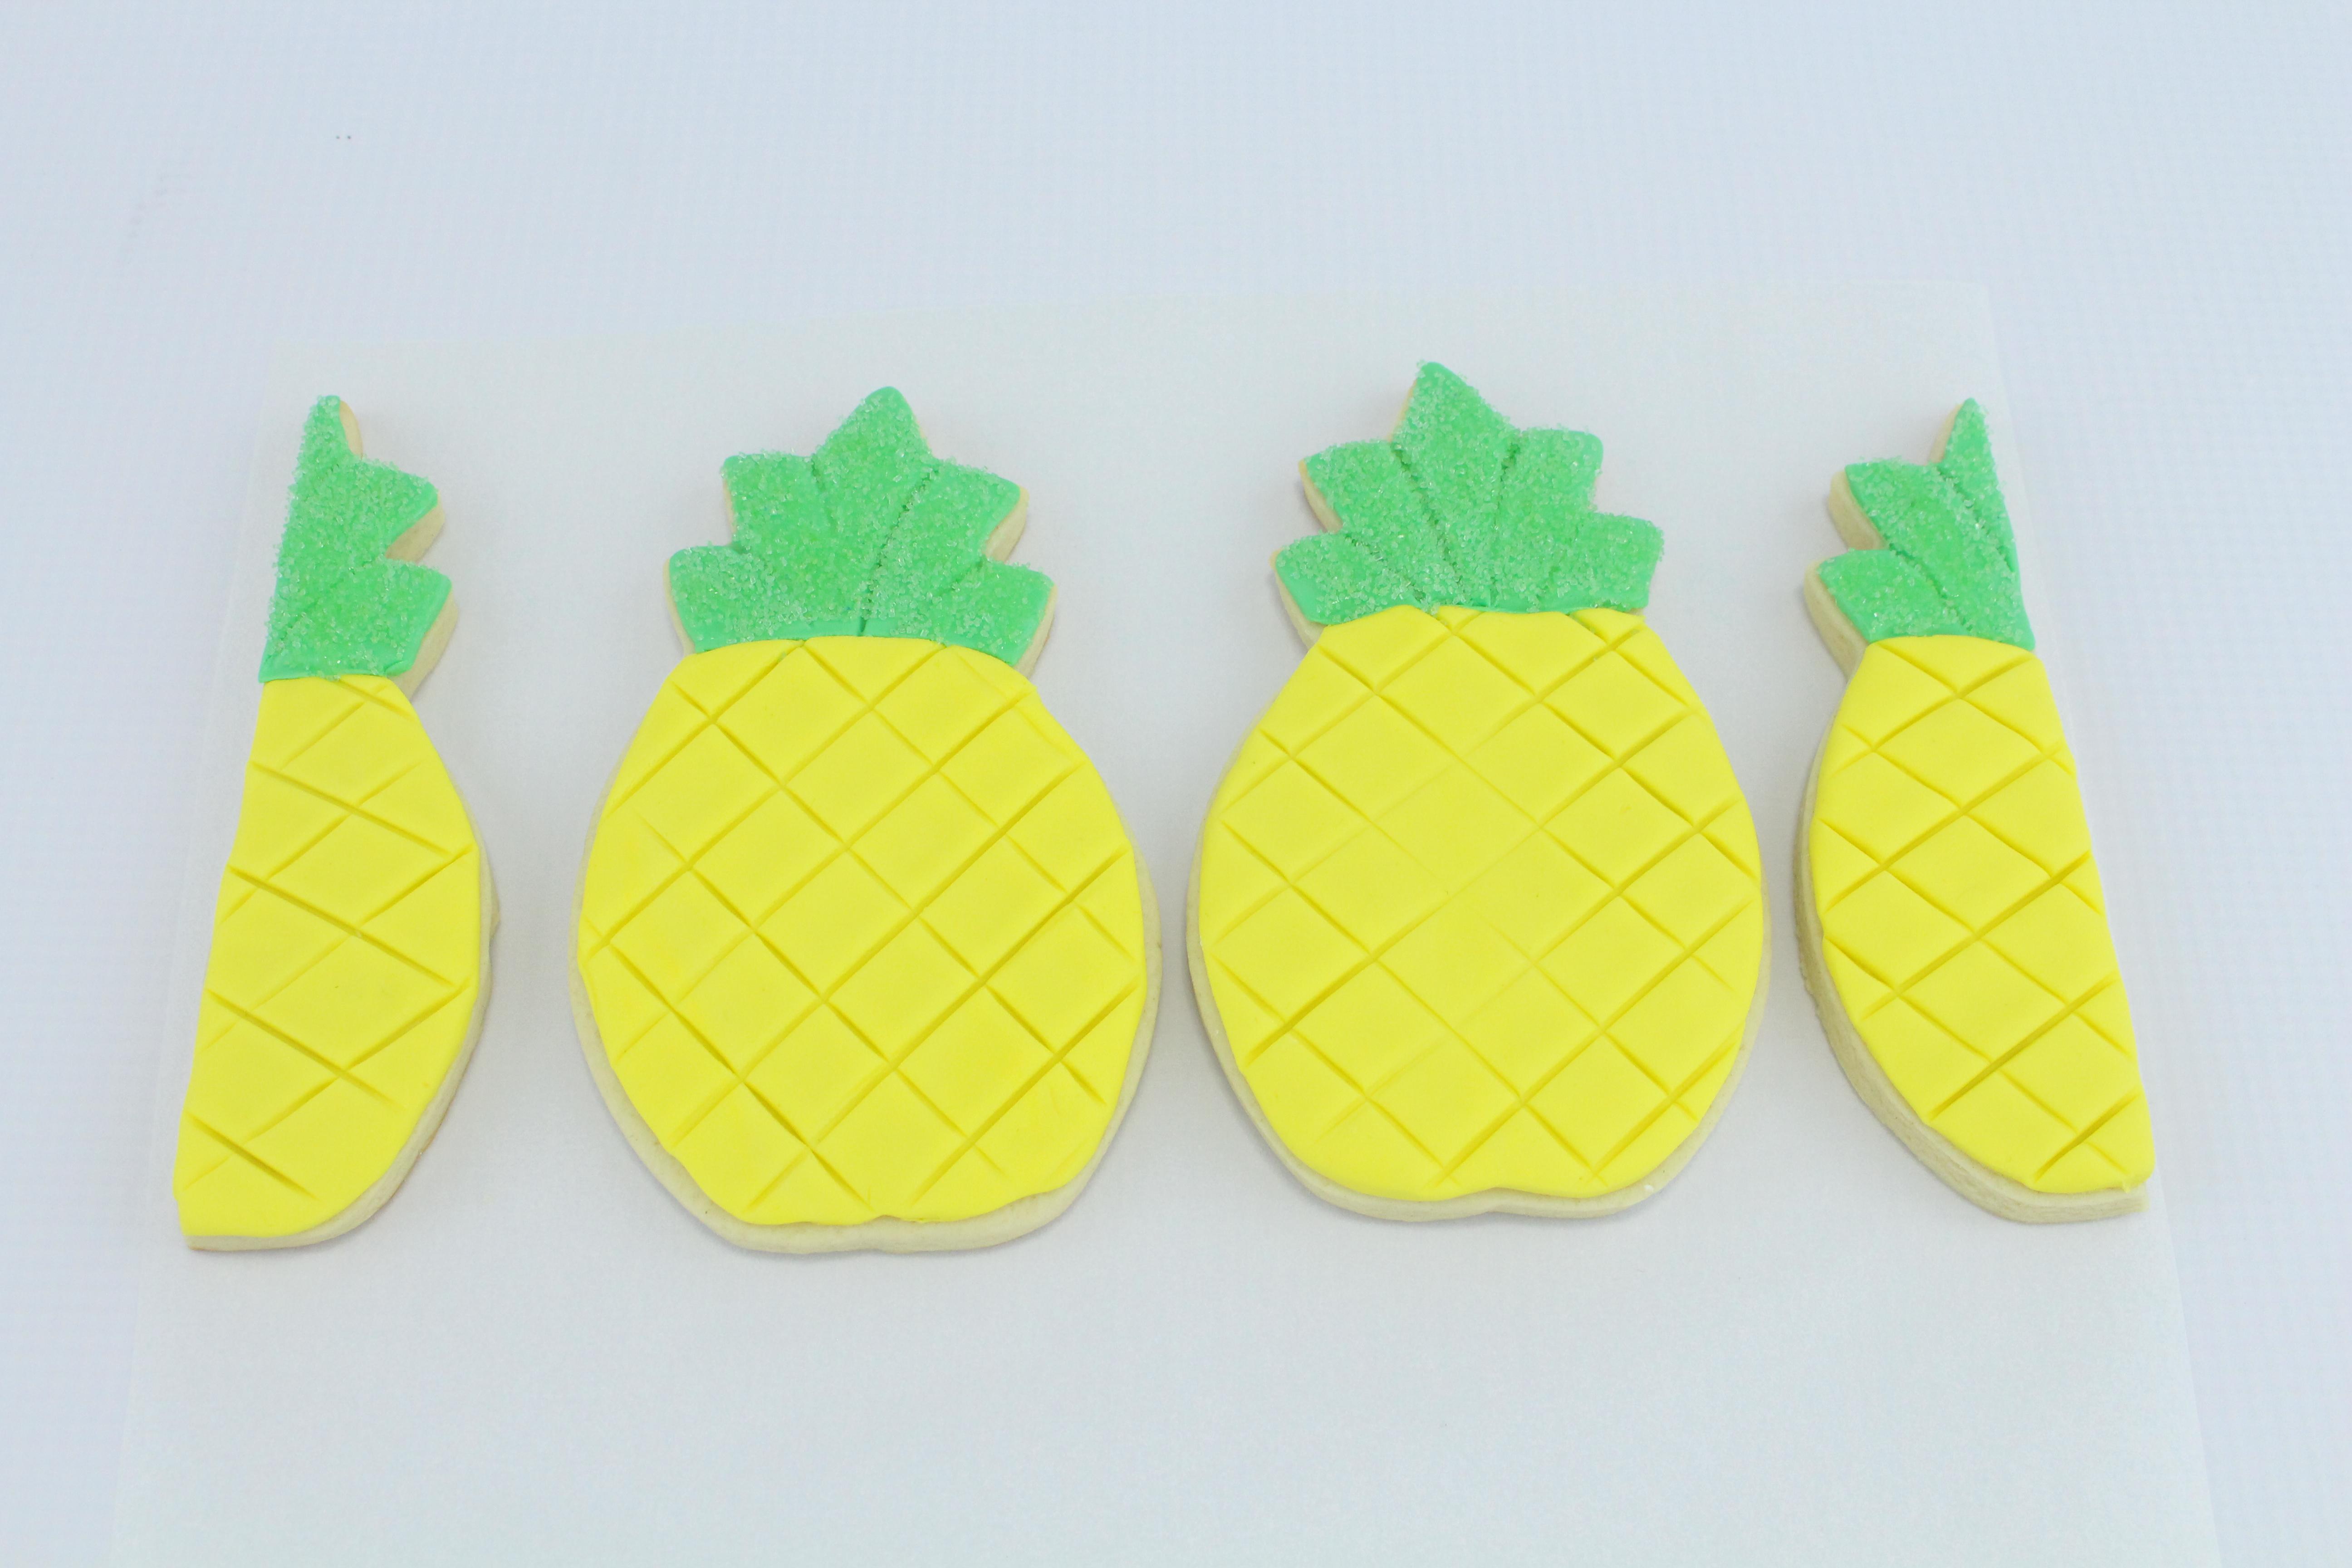 Pineapple9.jpg#asset:19705